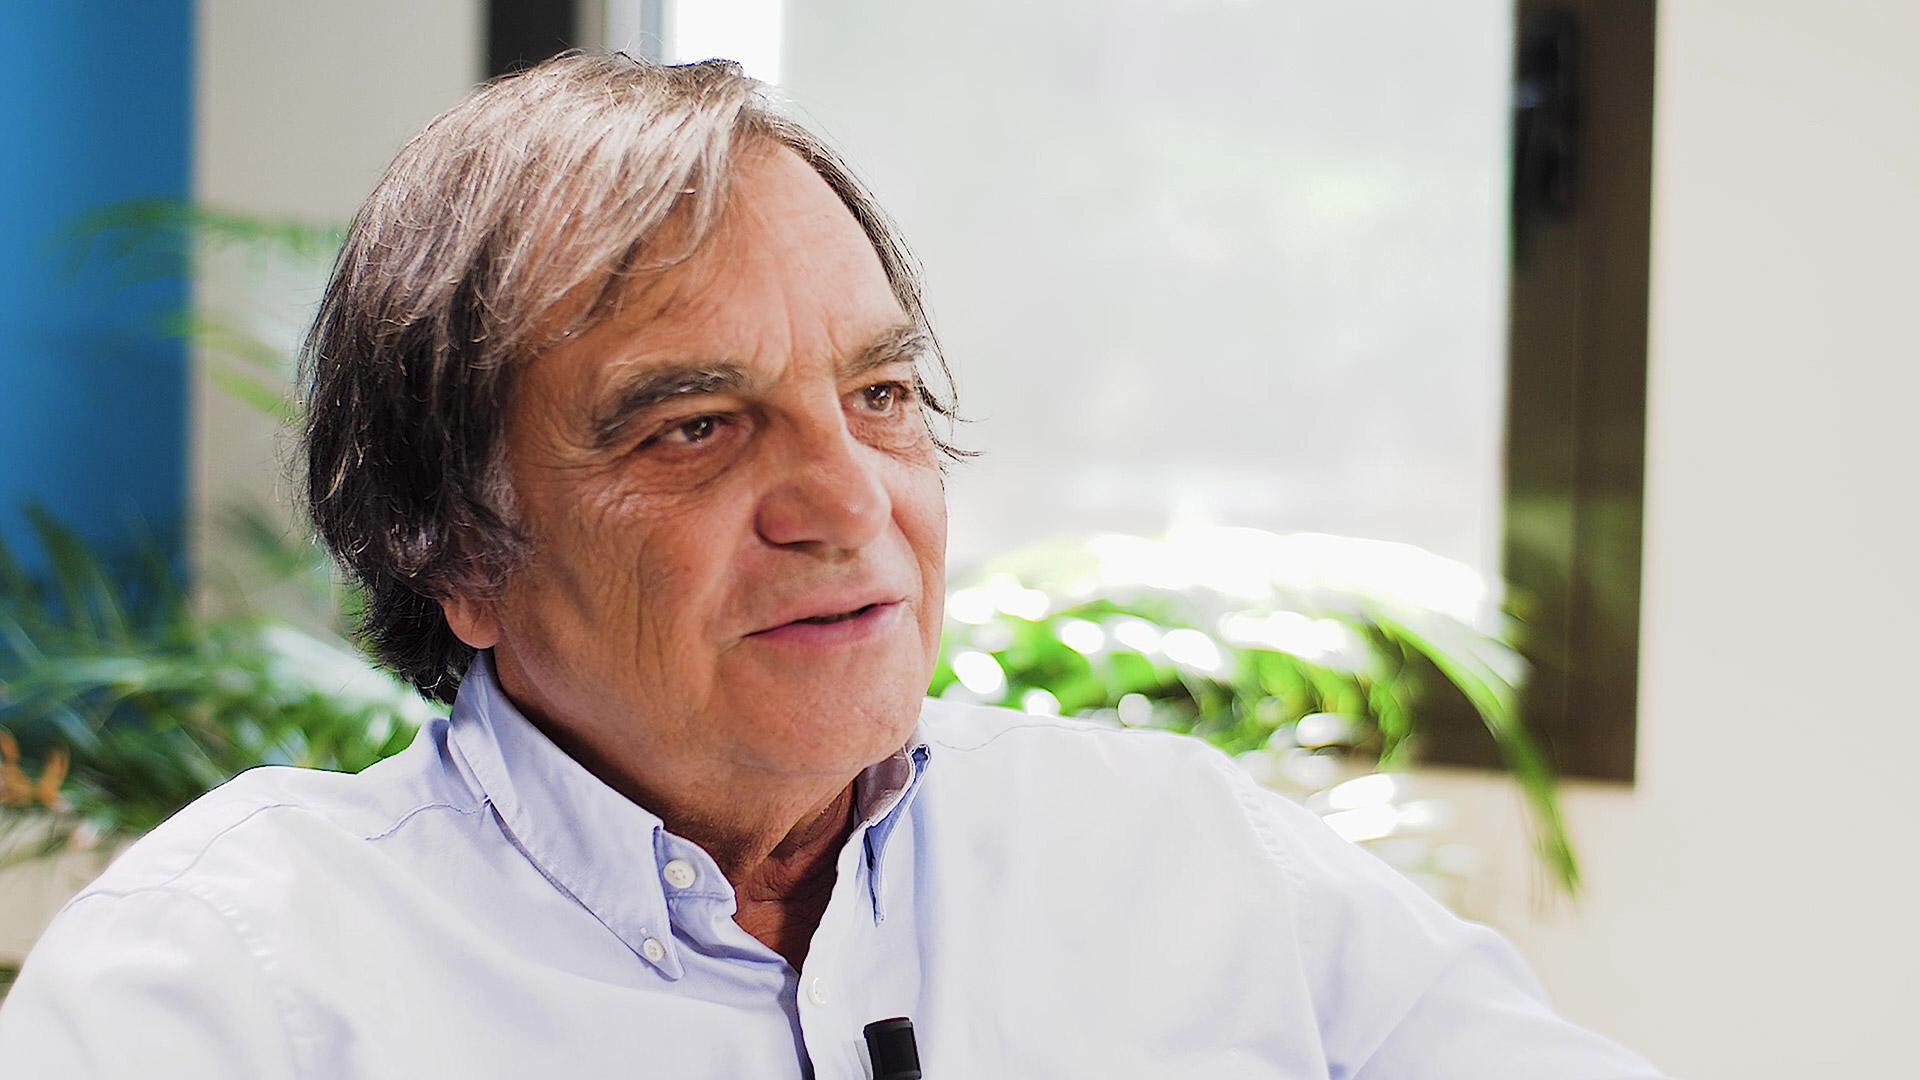 Professeur Marcel Rufo, pédopsychiatre